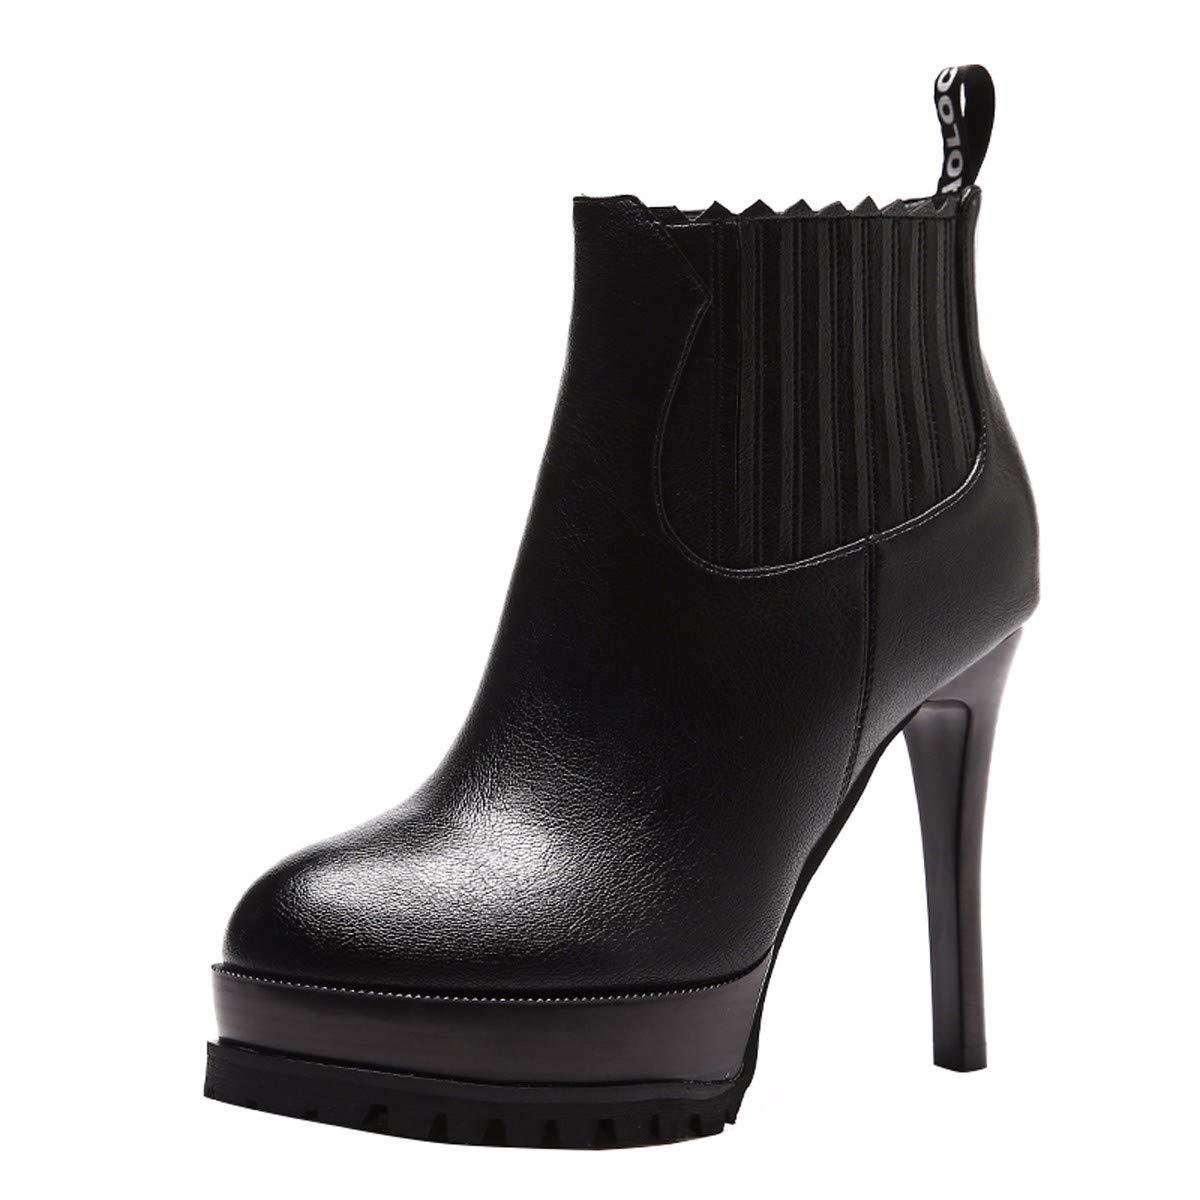 HBDLH Damenschuhe Schuhe Heel 12 cm Elastische Gürtel Einfache Martin Stiefel Fein Hacken Wasserdichte Plattform Runden Kopf Baumwolle Schuhe Stiefel 100.